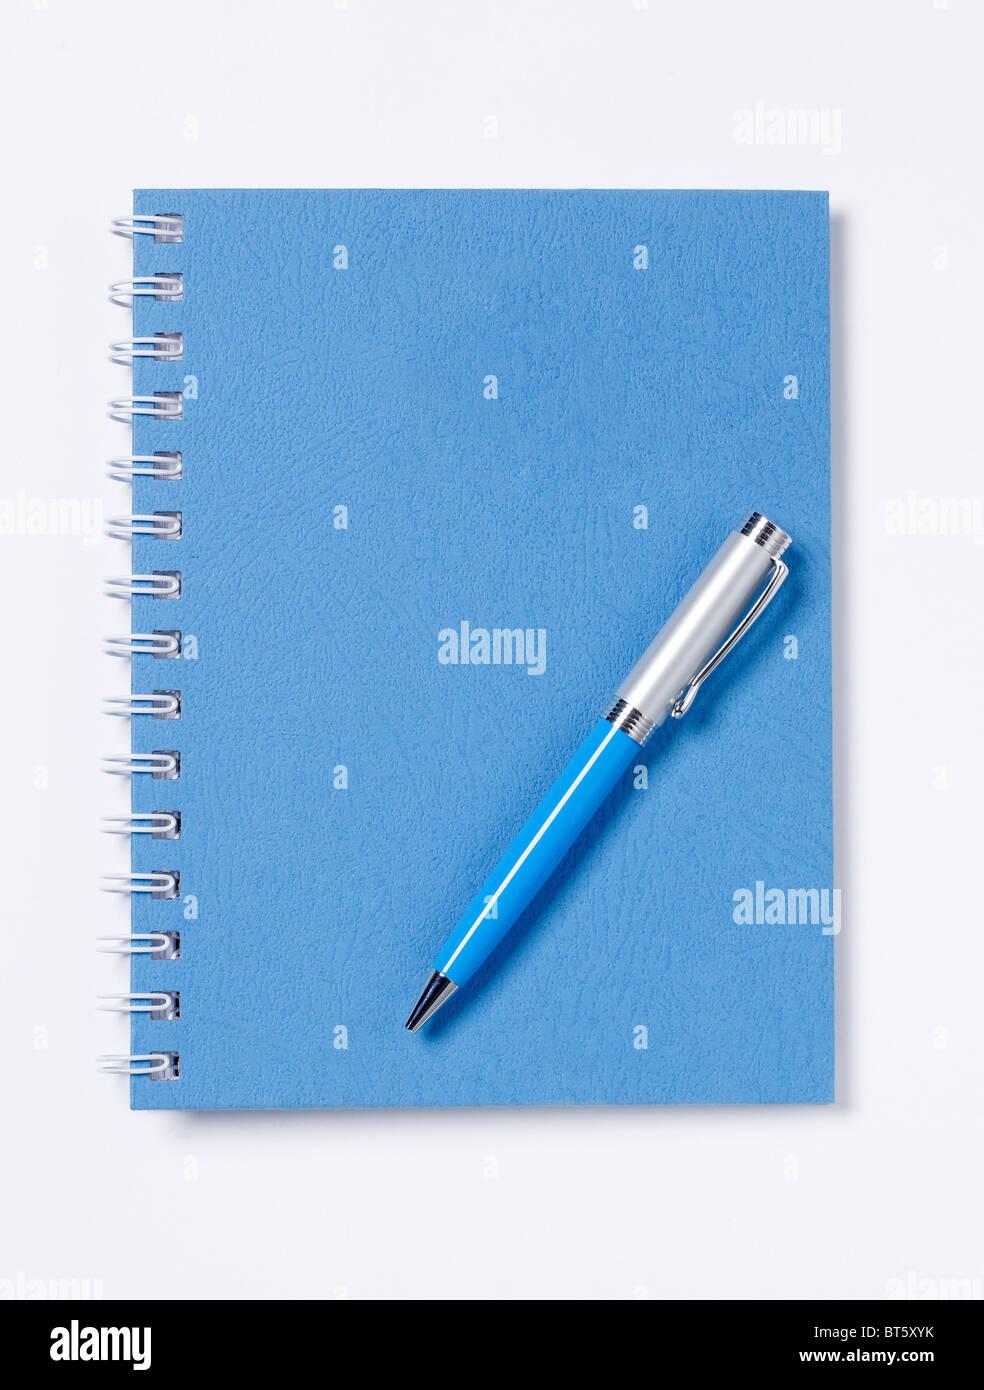 Spirale blau Buch Tagebuch Ledger mit Stift erhöht, Ansicht Stockbild